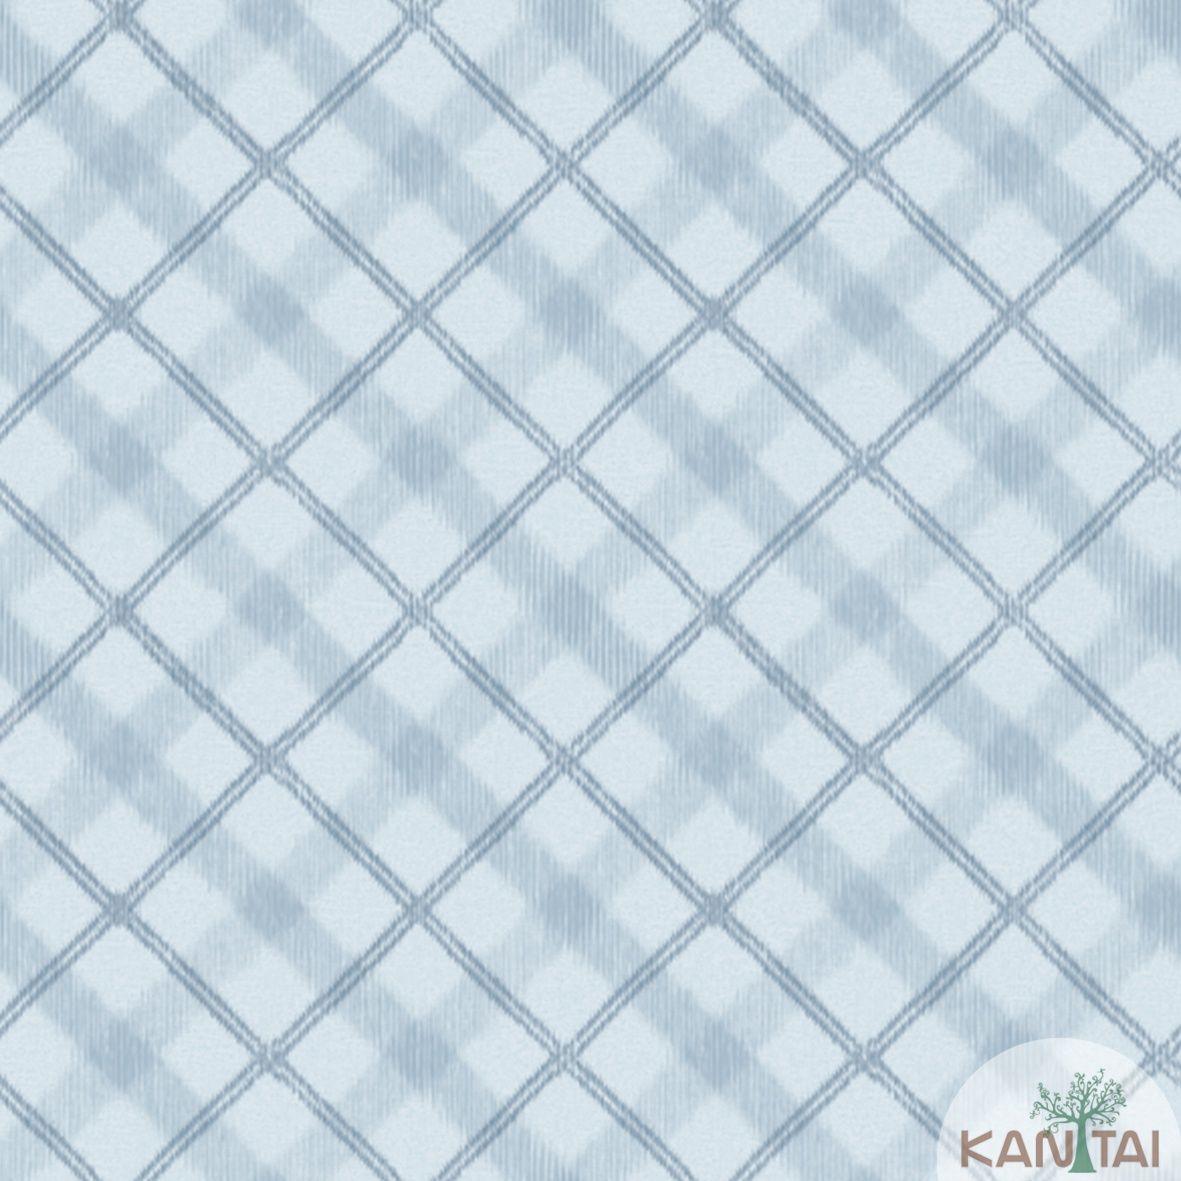 Papel de Parede Importado Kan Tai  TNT Coleção Davinci II Xadrez Tons de Azul Claro, Azul Marinho